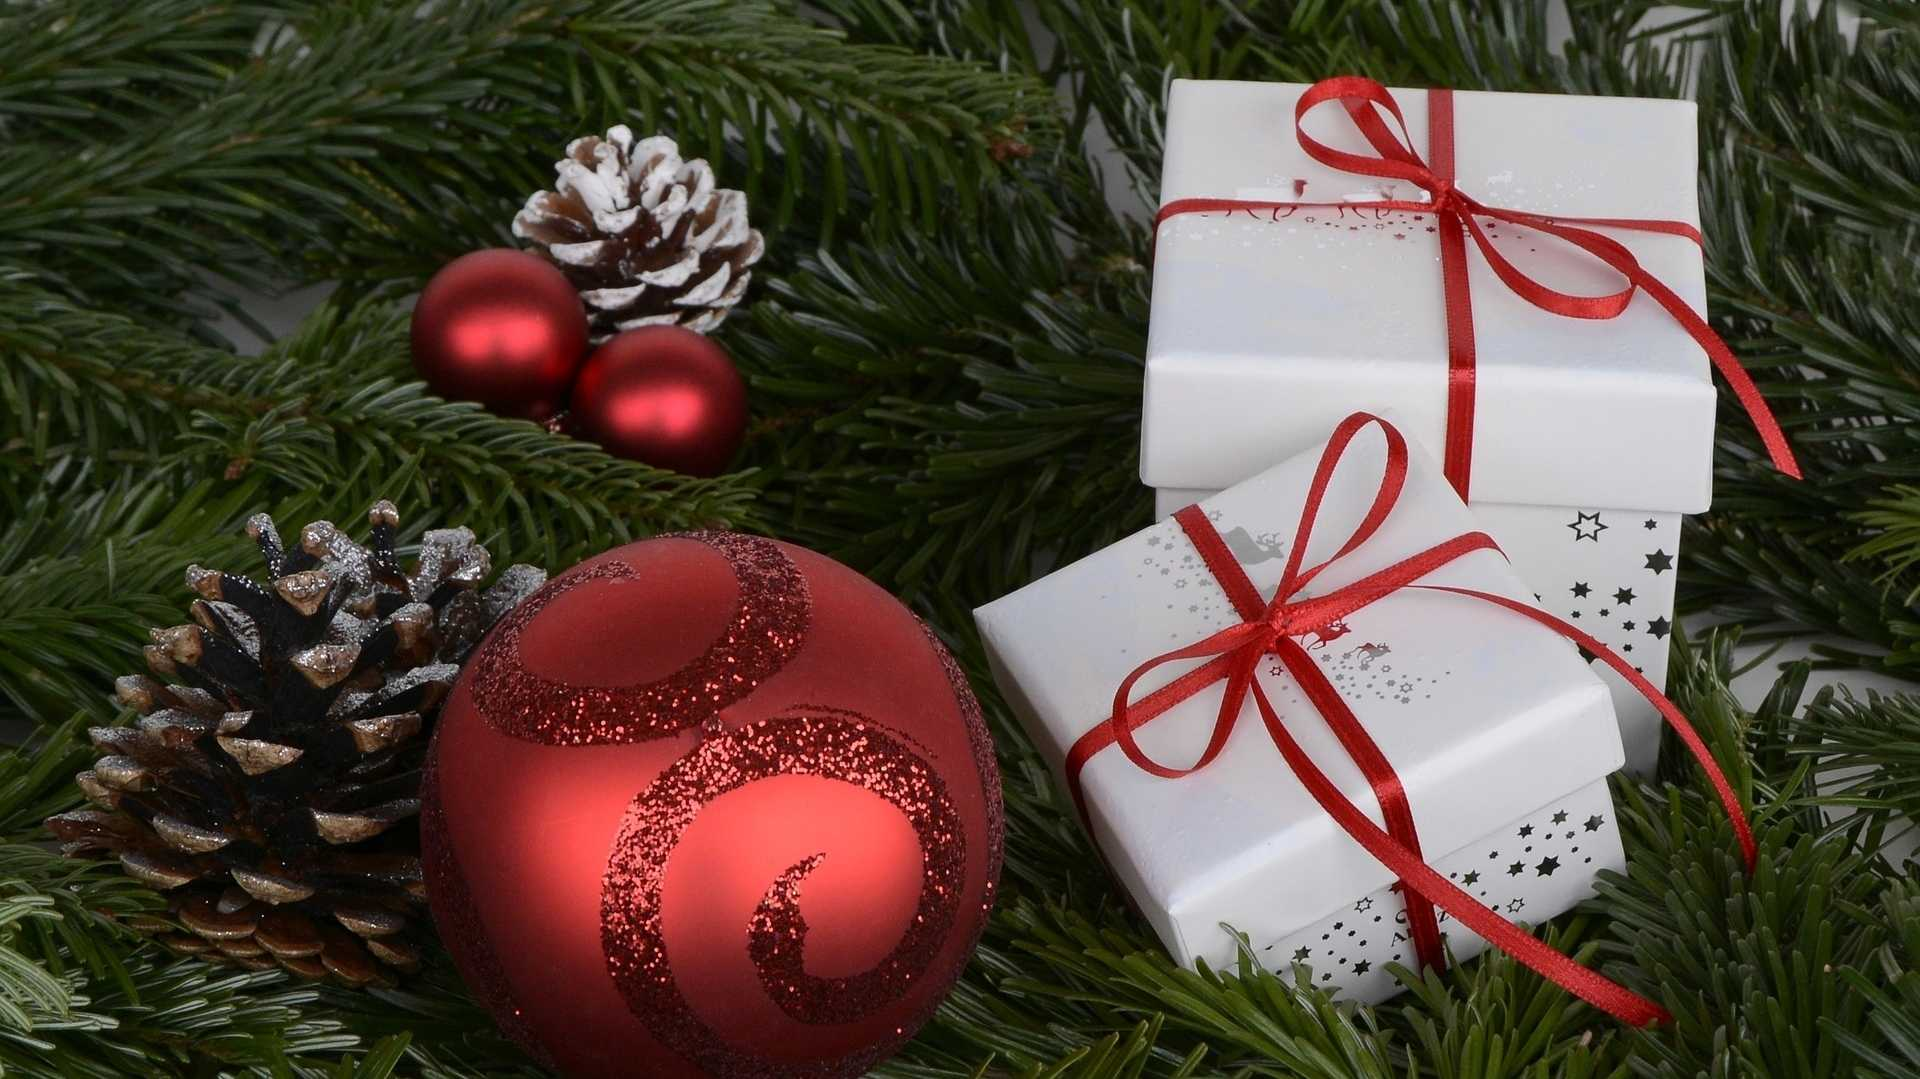 Umfrage: Deutsche wollen verstärkt Weihnachtsgeschenke im Internet kaufen